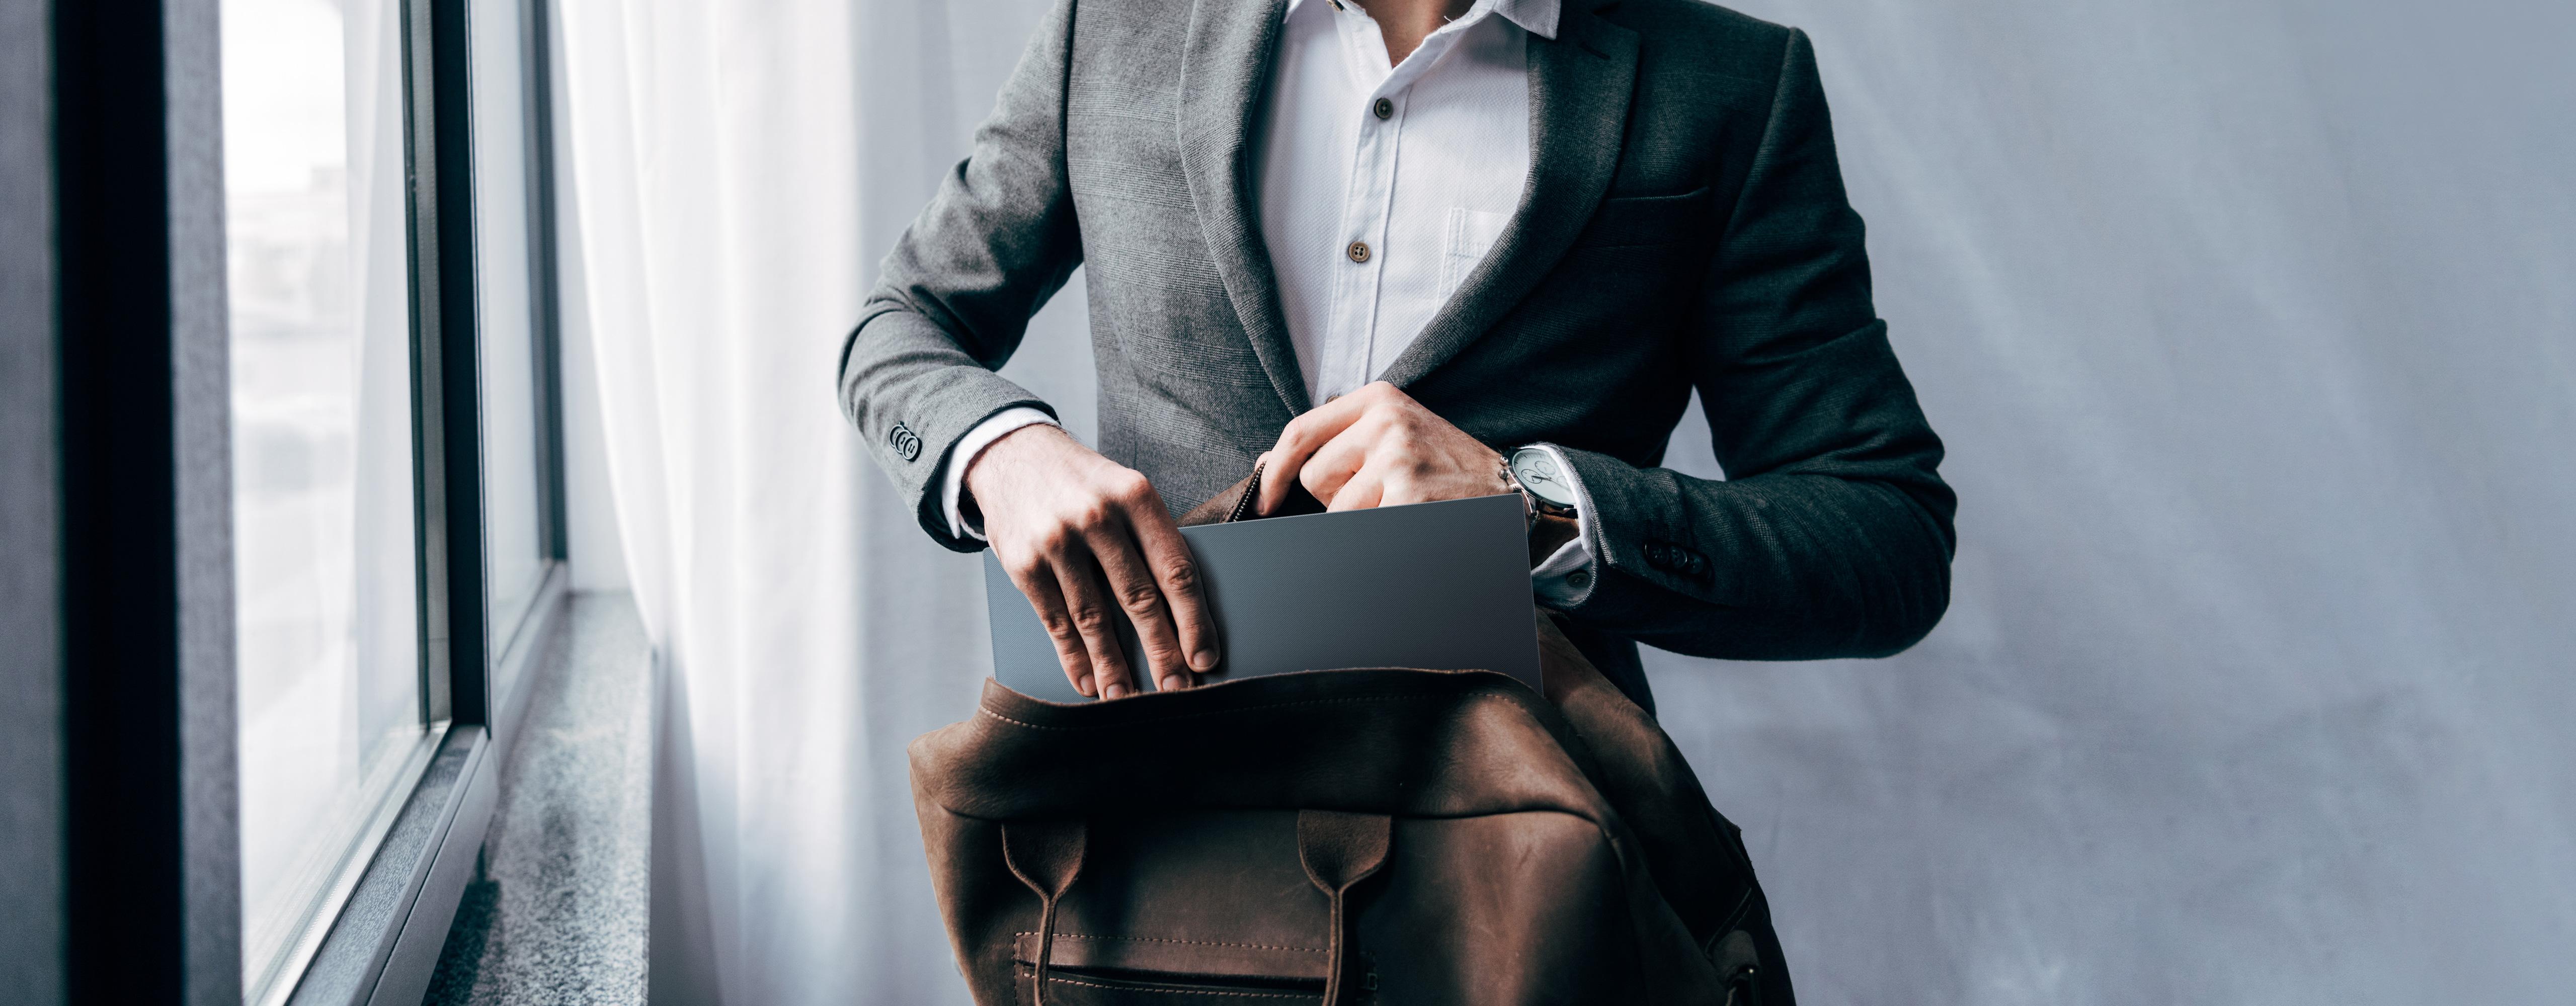 Asus: i nuovi Zenbook sono i più sottili al mondo. Tutte le novità dal CES 2019 thumbnail